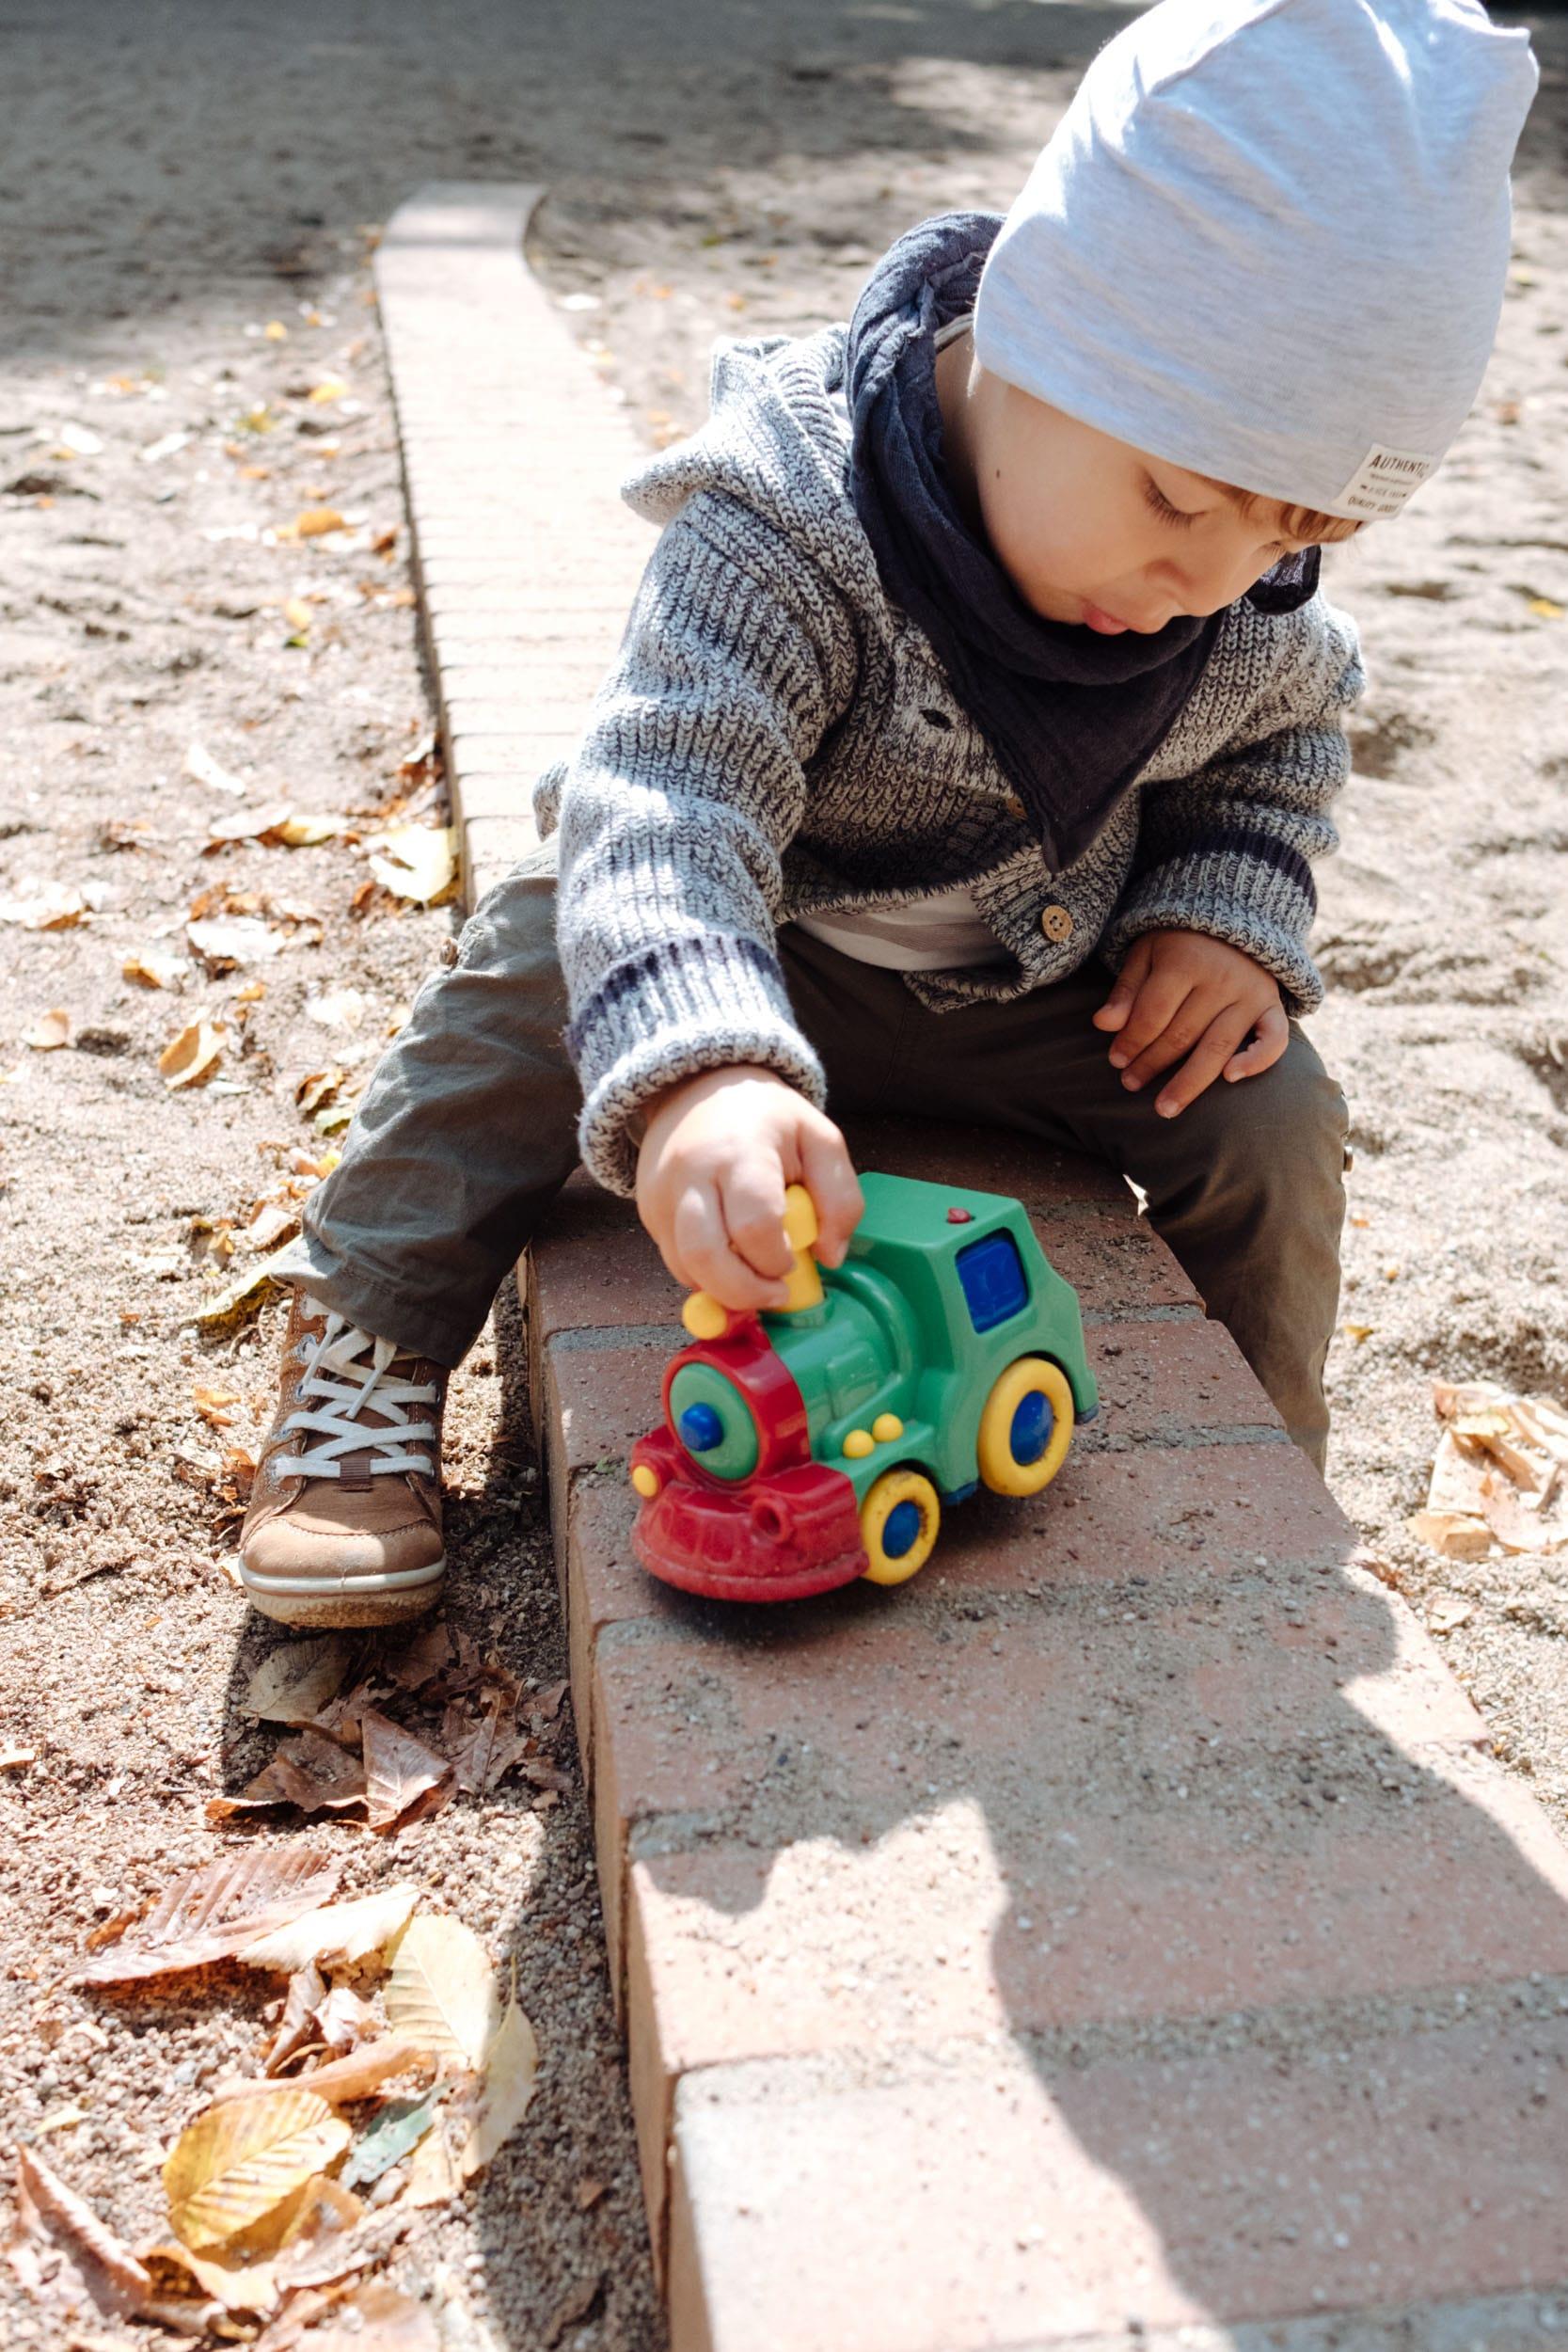 Unterwegs mit Kleinkind | Was muss mit im Wickelrucksack | Spielplatzsausflug mit Mama und Papa